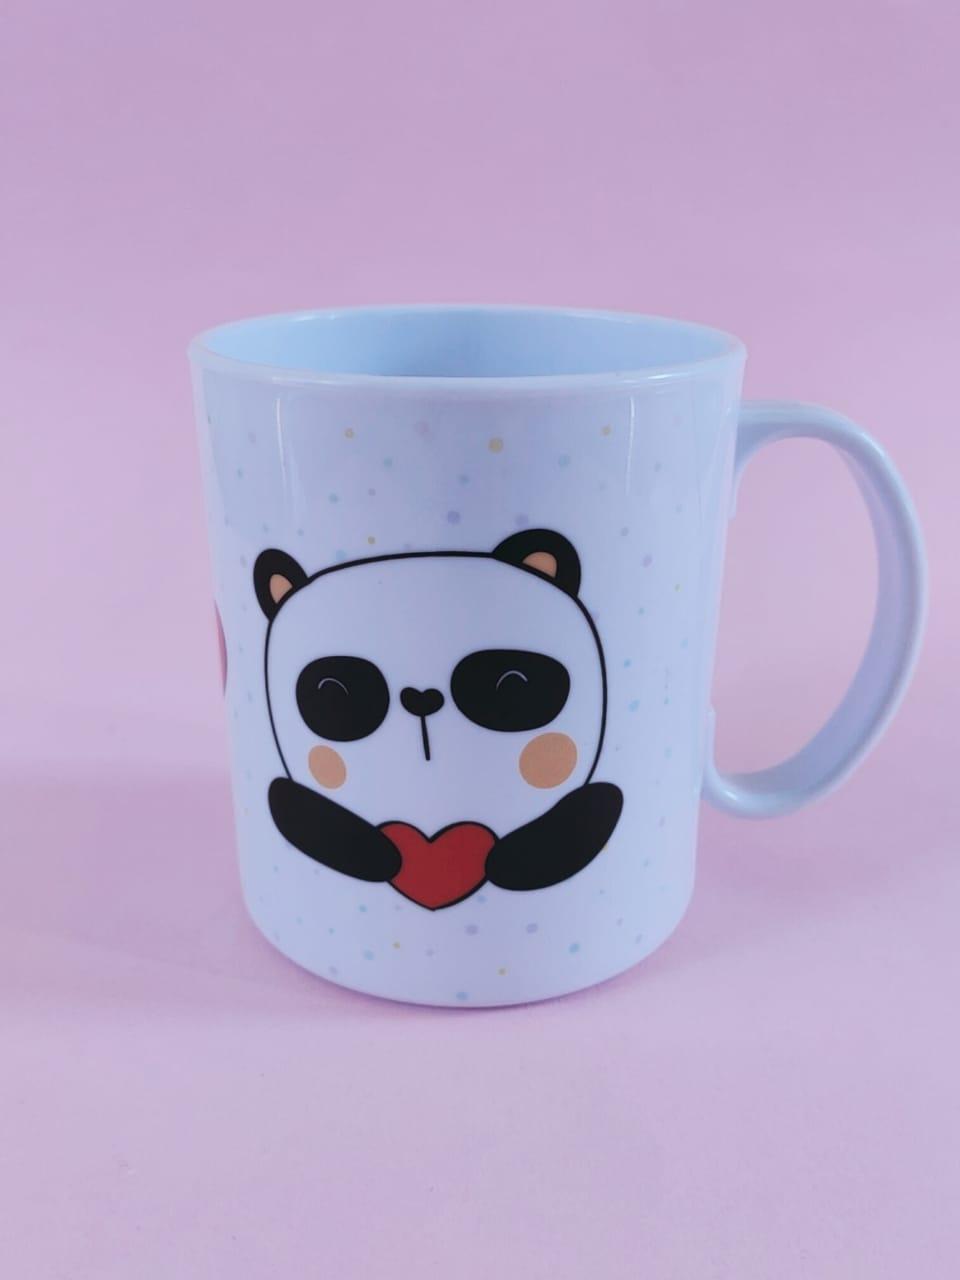 Caneca em Polímero de Panda Personalizada com nome